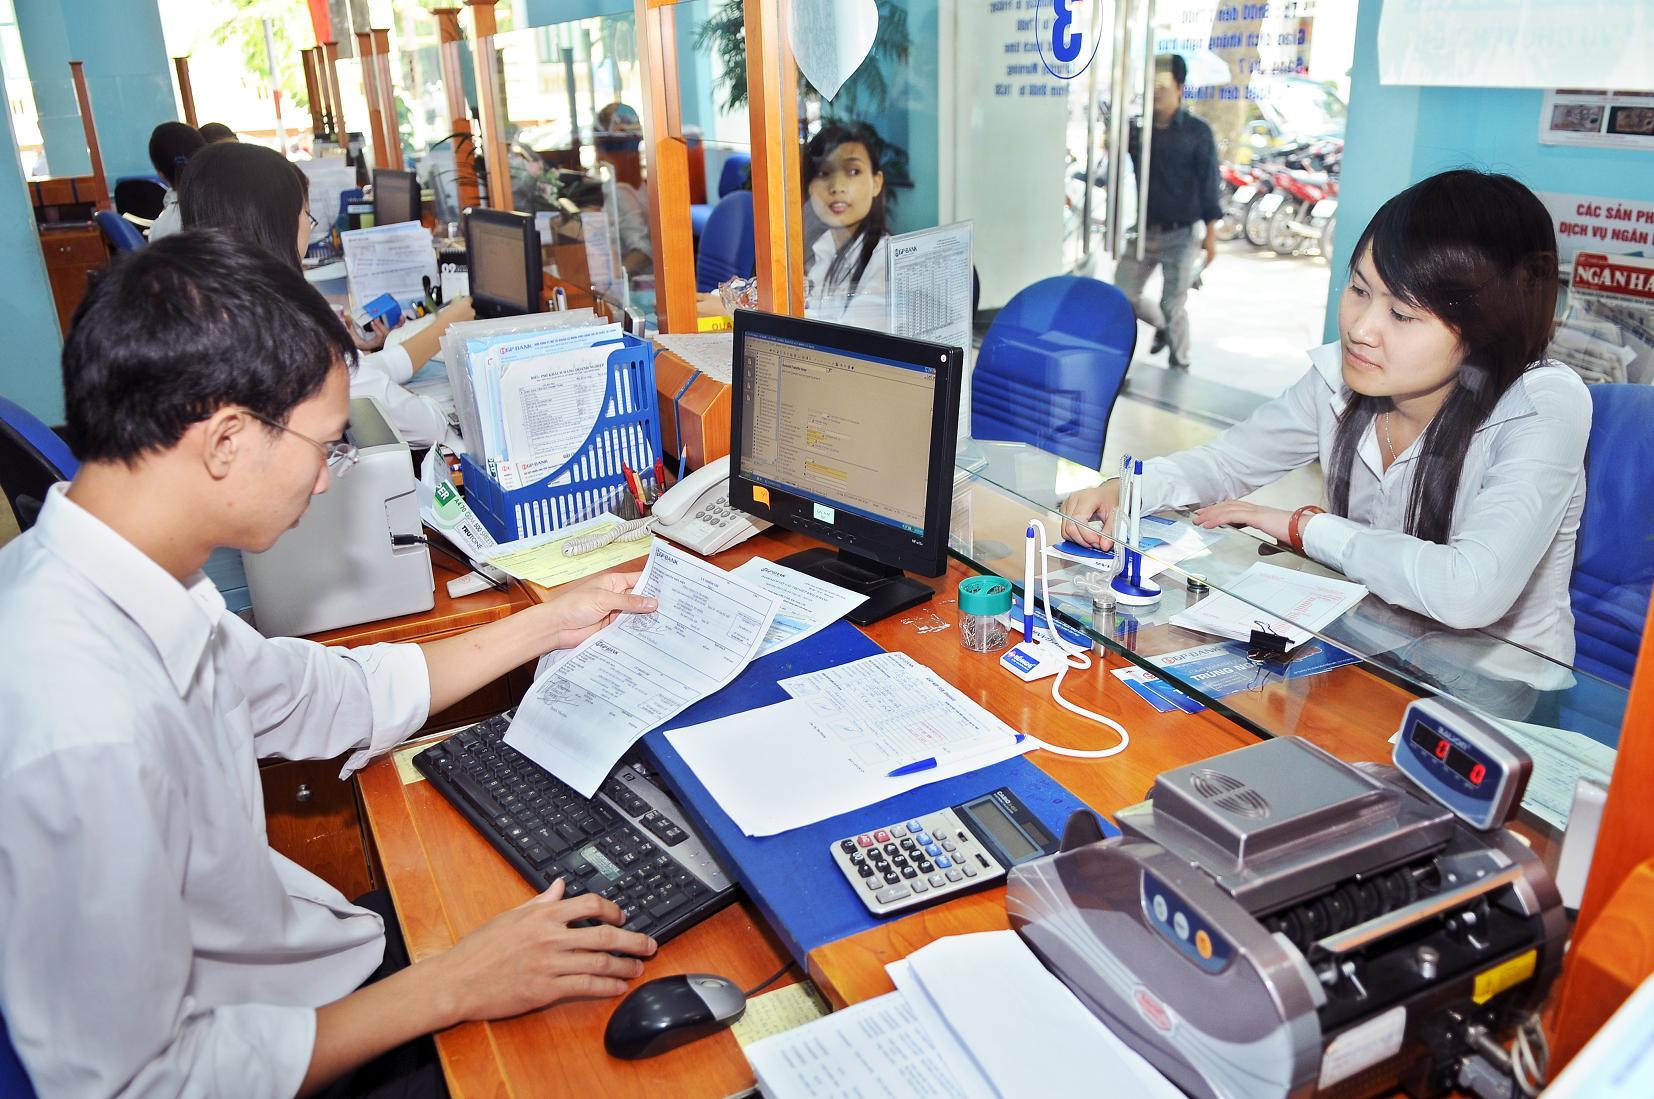 Đăng ký tạm trú tạm vắng cho người thuê nhà cần những giấy tờ gì ?